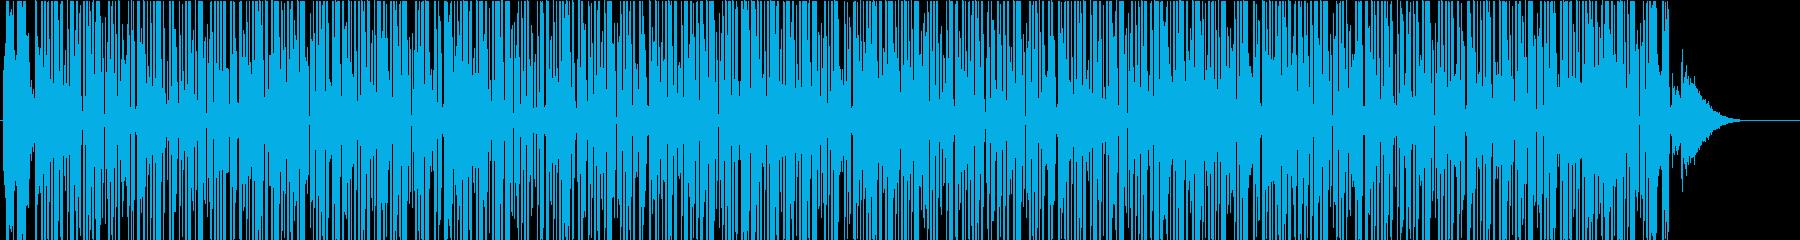 妖艶なサウンドアート カフェ・ラウンジ系の再生済みの波形